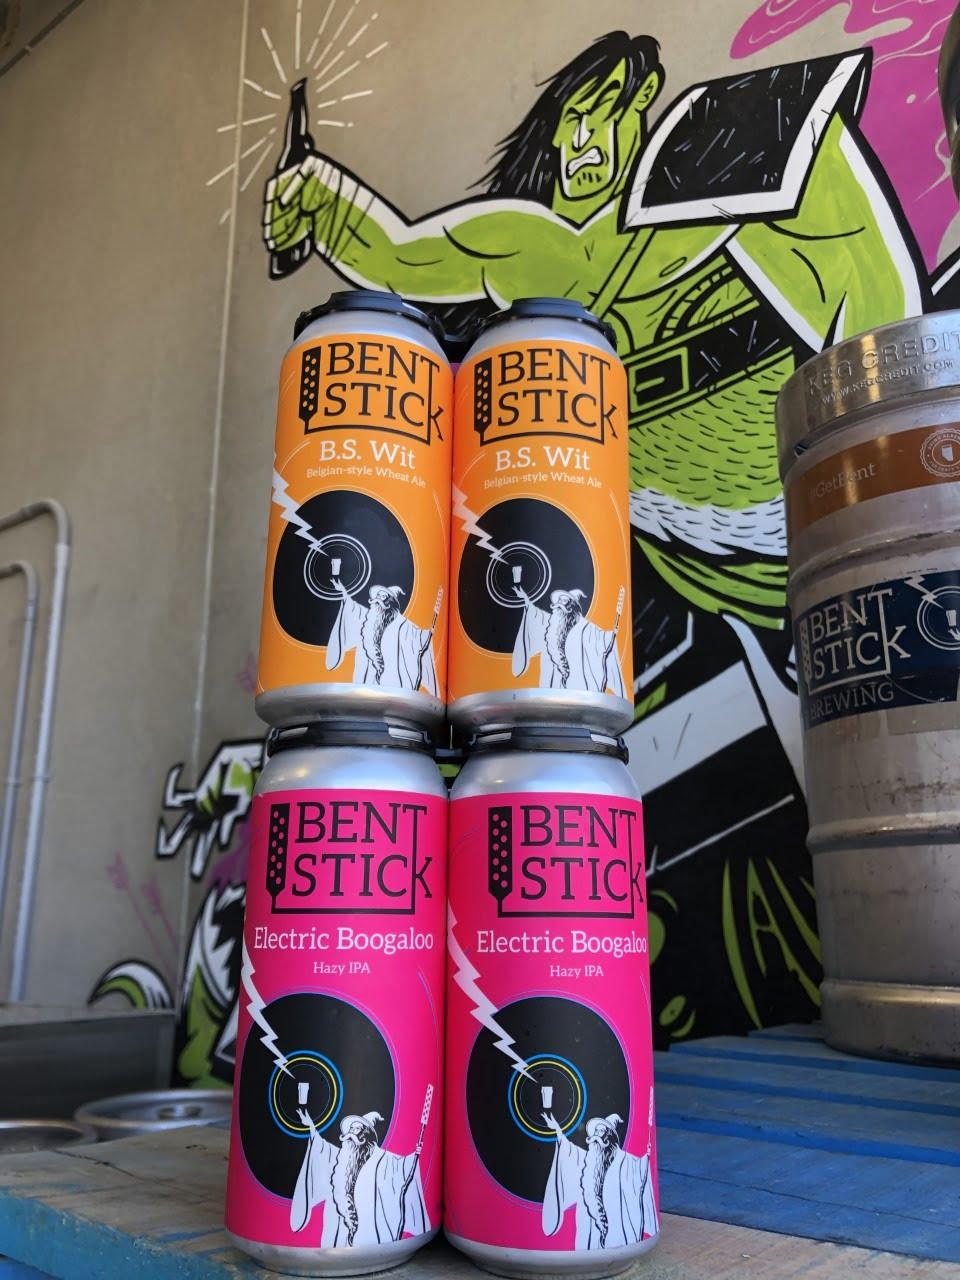 Bent Stick Beer